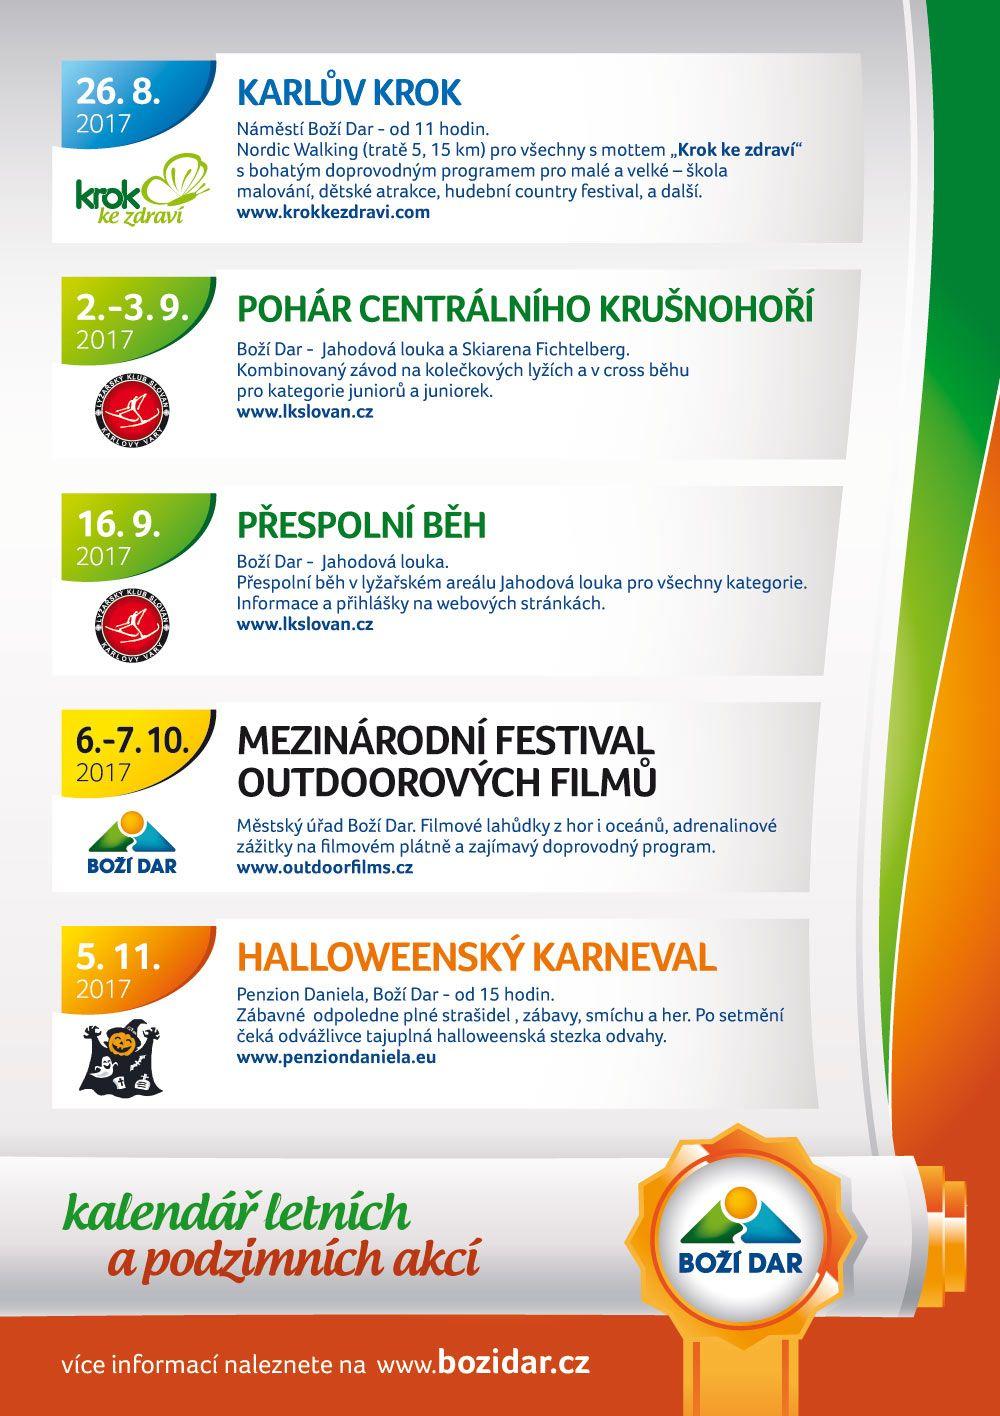 kalendar_leto_podzim_2017